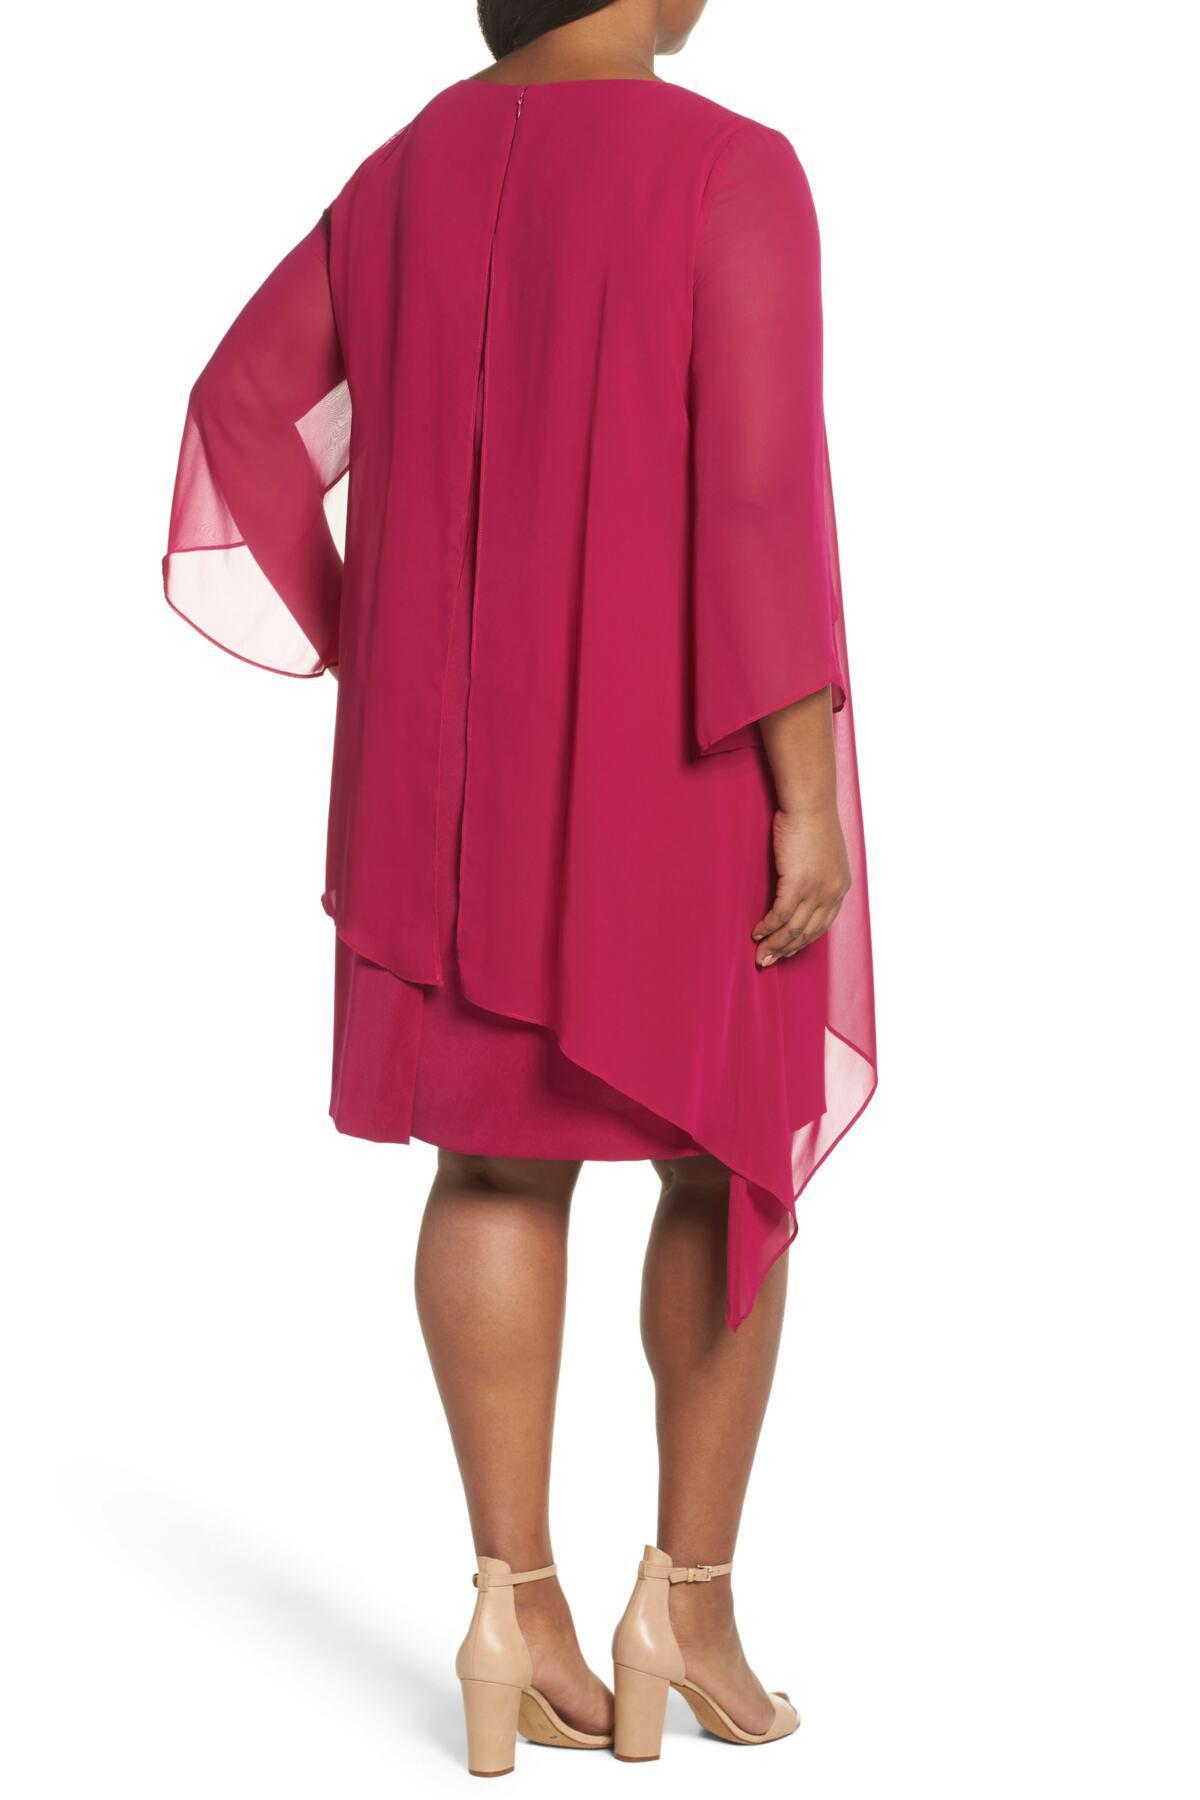 1669de2eb68e Elie Tahari | Luxury Designer Clothing